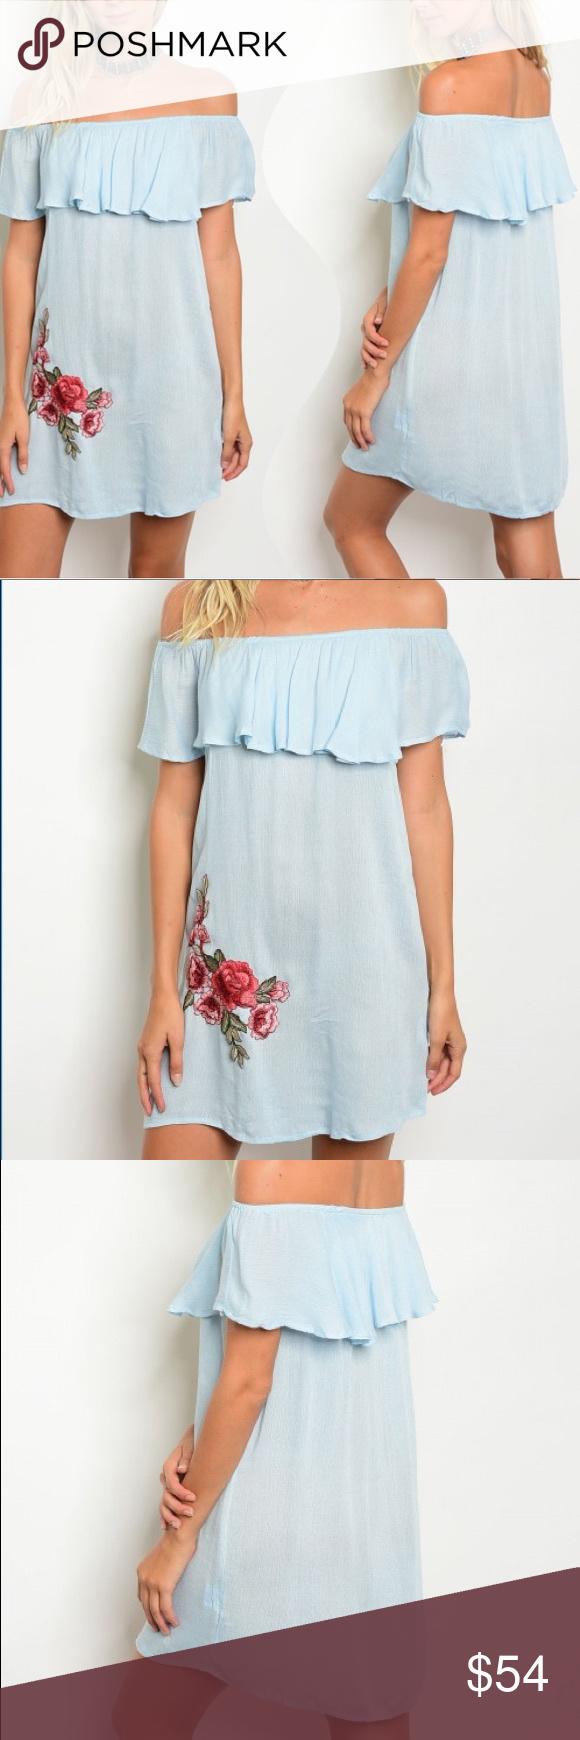 Light blue breezy offshoulder embroidered dress Light blue breezy off shoulder …